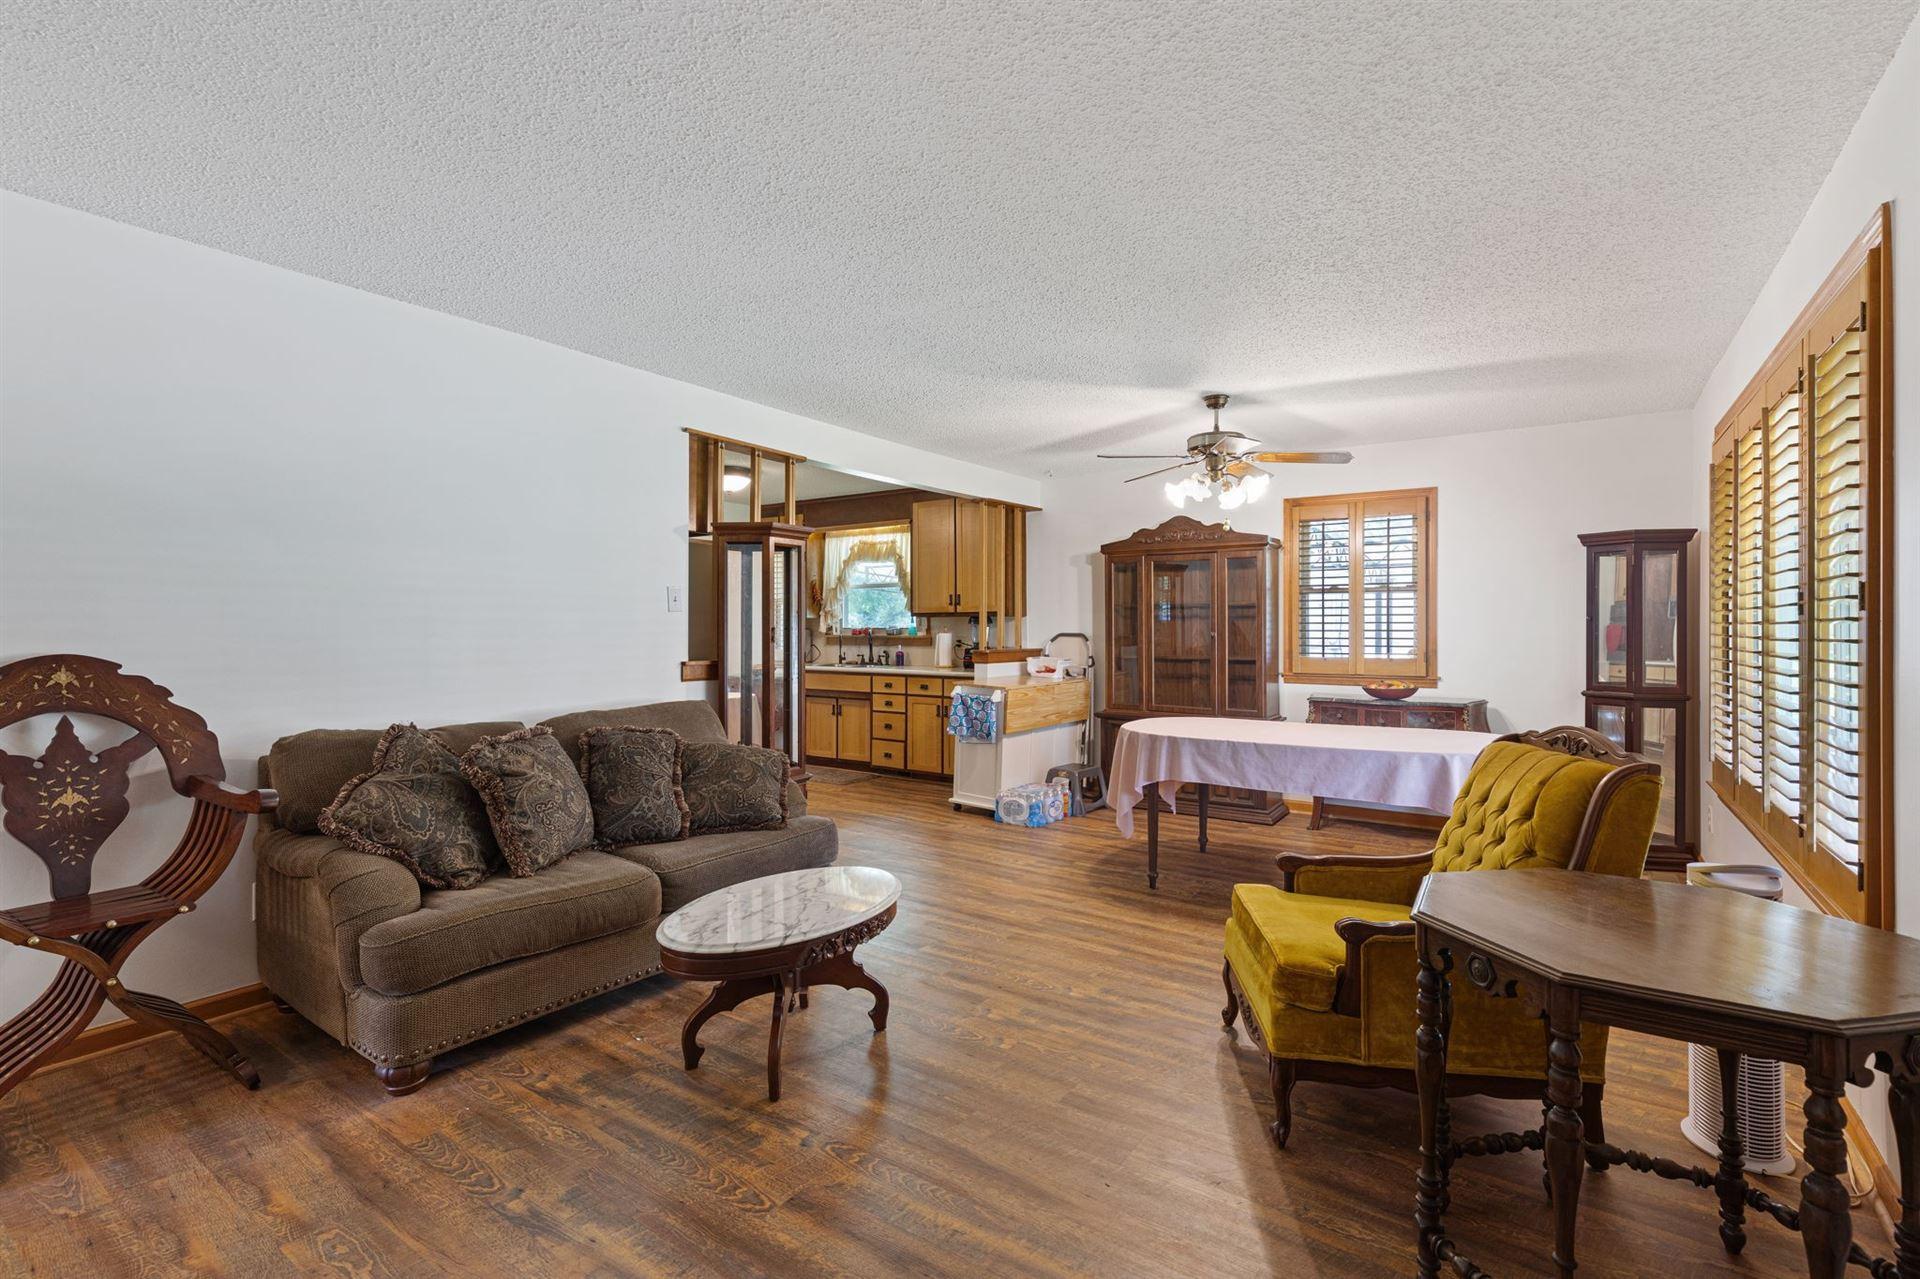 Photo of 6193 N New Hope Rd, Hermitage, TN 37076 (MLS # 2286650)